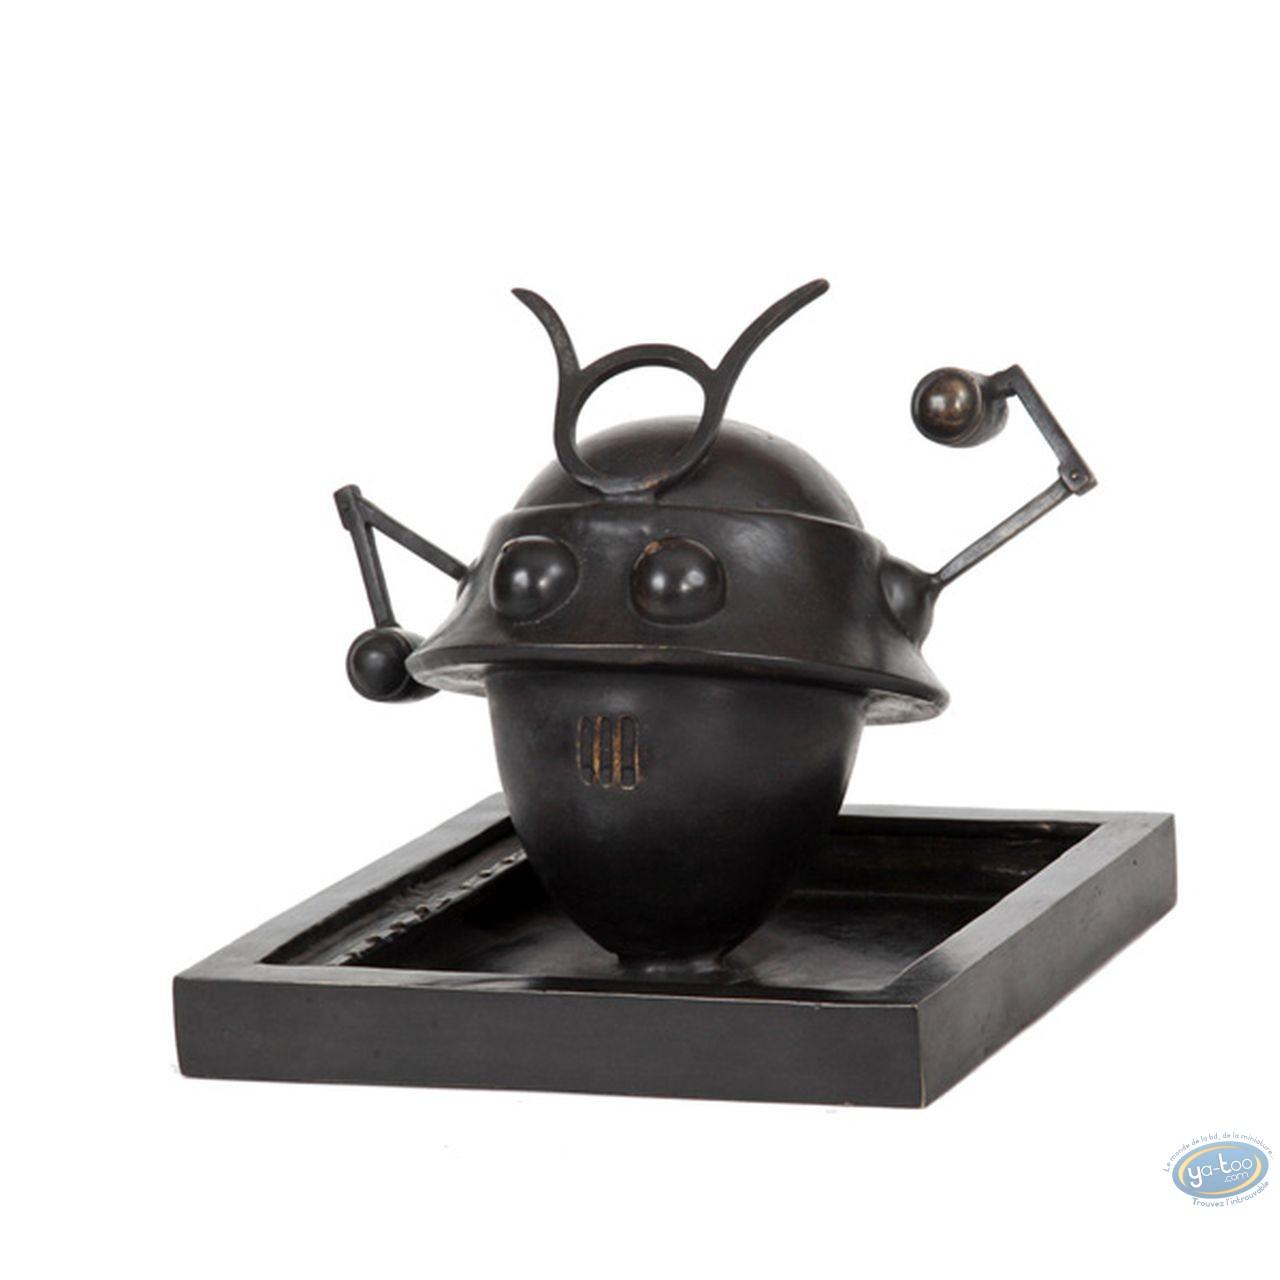 Bronze Statuette, Blake and Mortimer : The Samurai Robot, Pixi